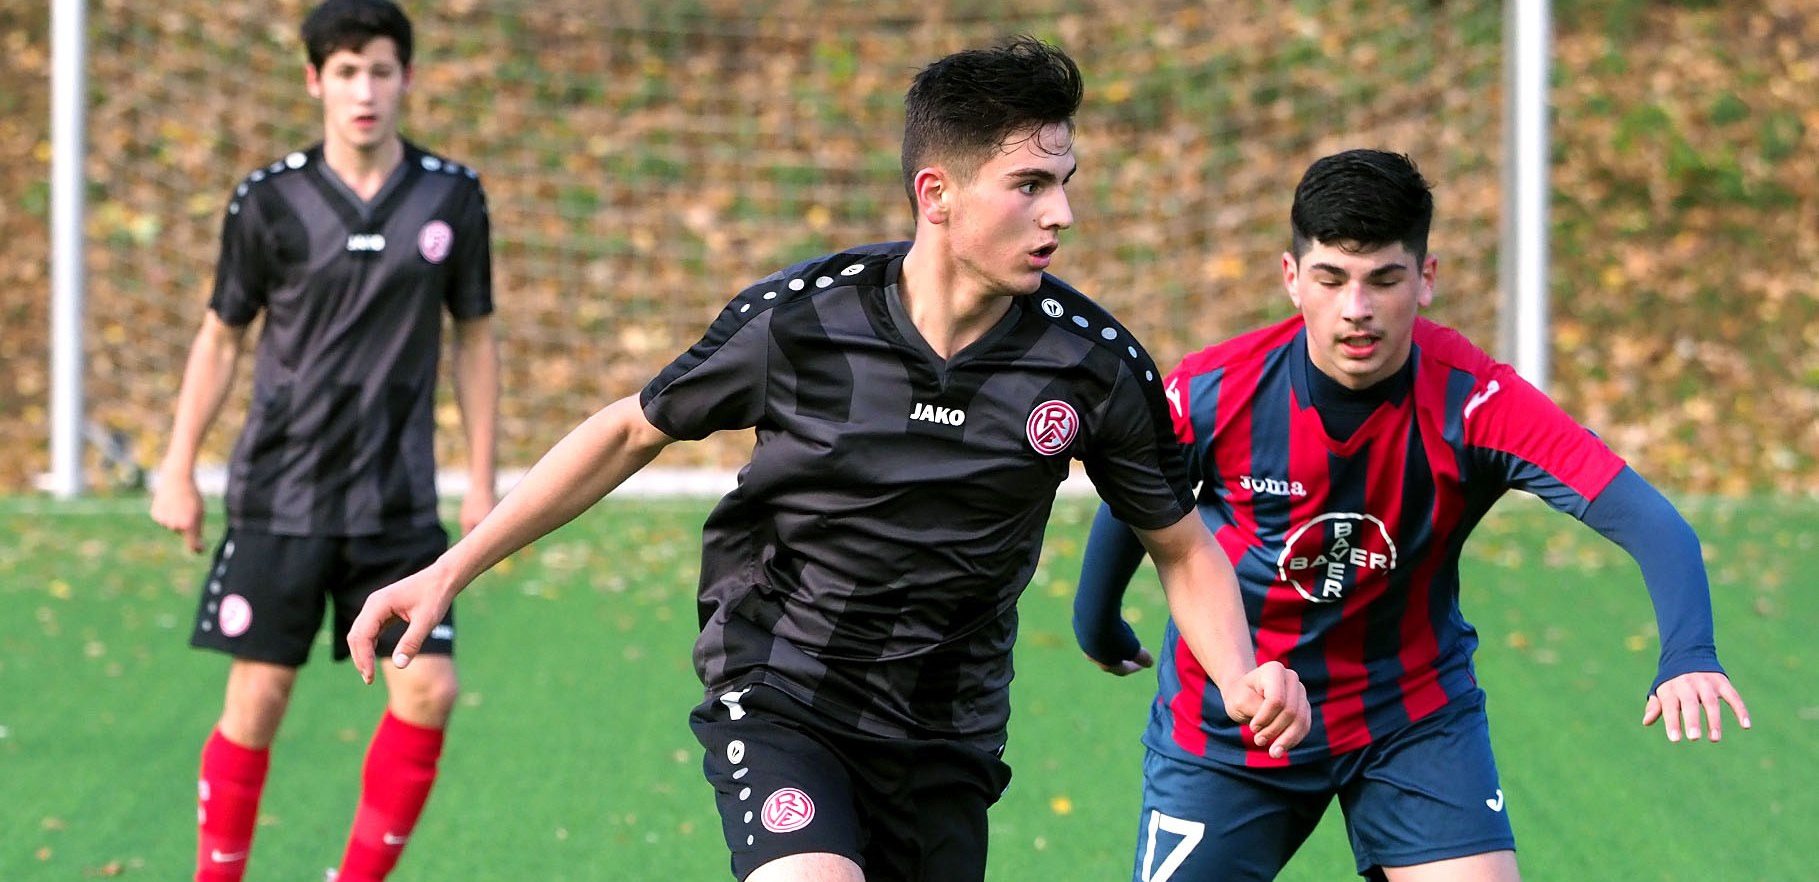 Am Sonntag schließt die U17 die Hinrunde der B-Junioren-Niederrheinliga ab.